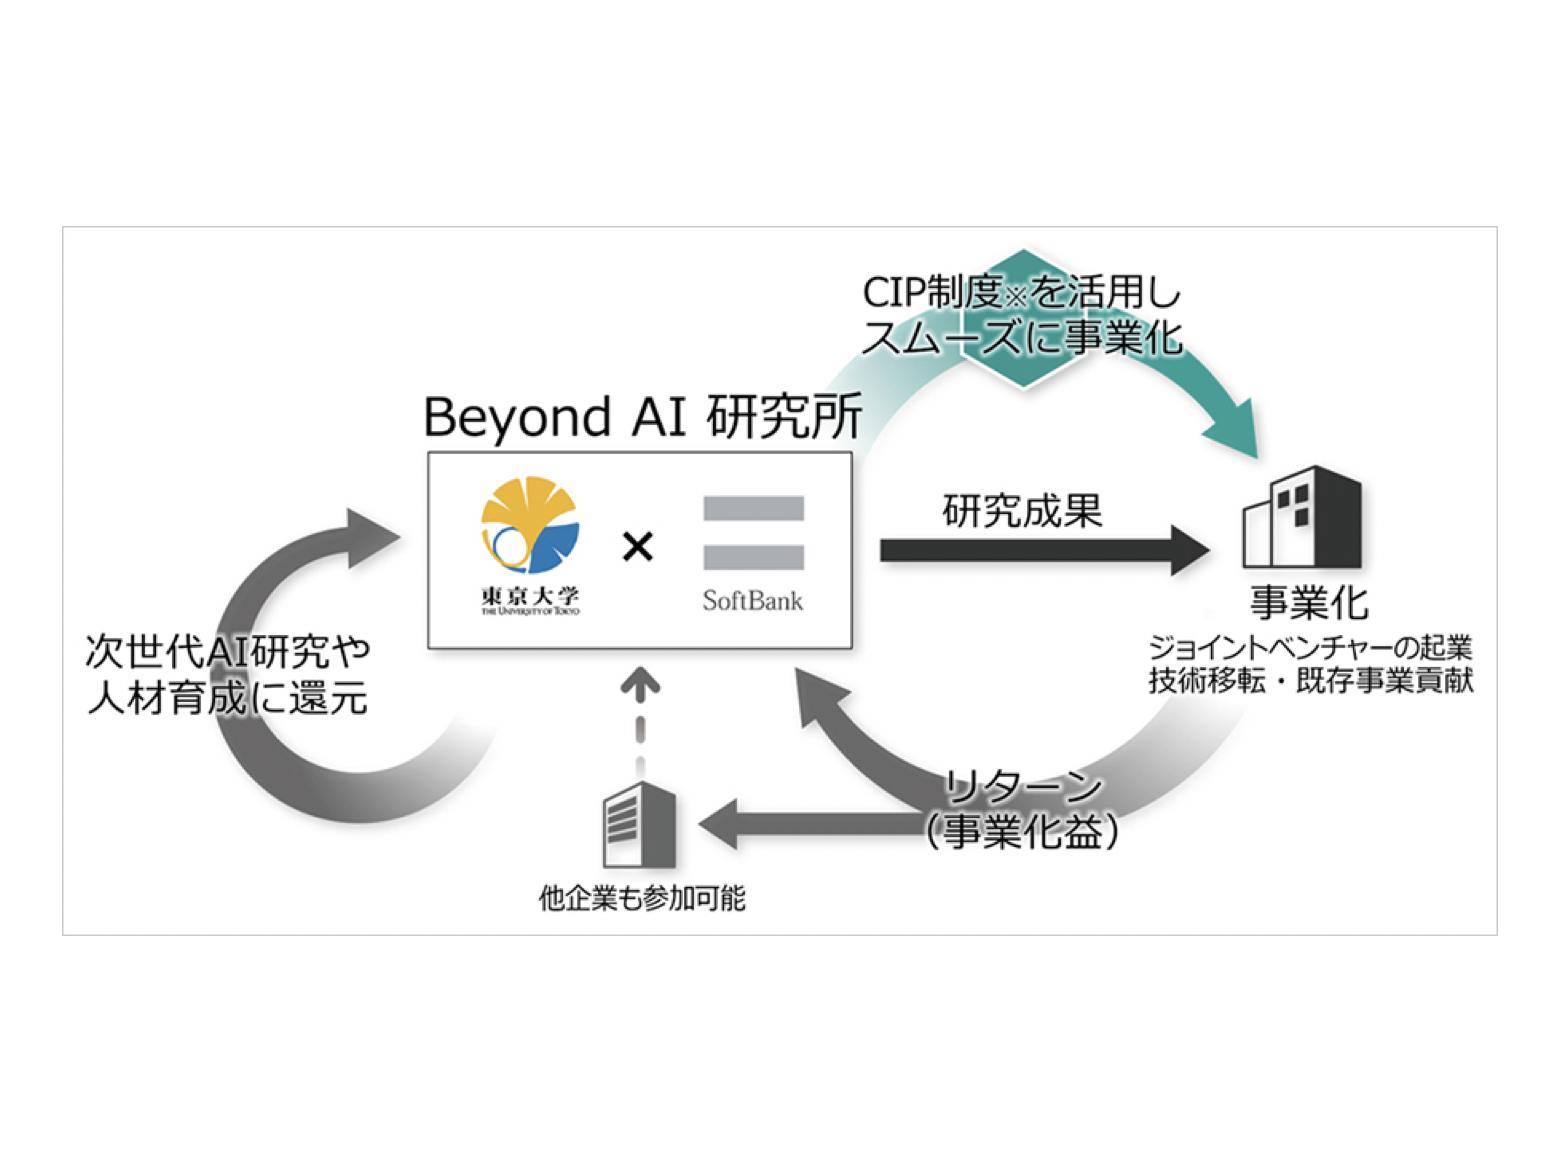 東京大学×ソフトバンク|世界最高レベルの人と知が集まる『Beyond AI 研究所』を開設